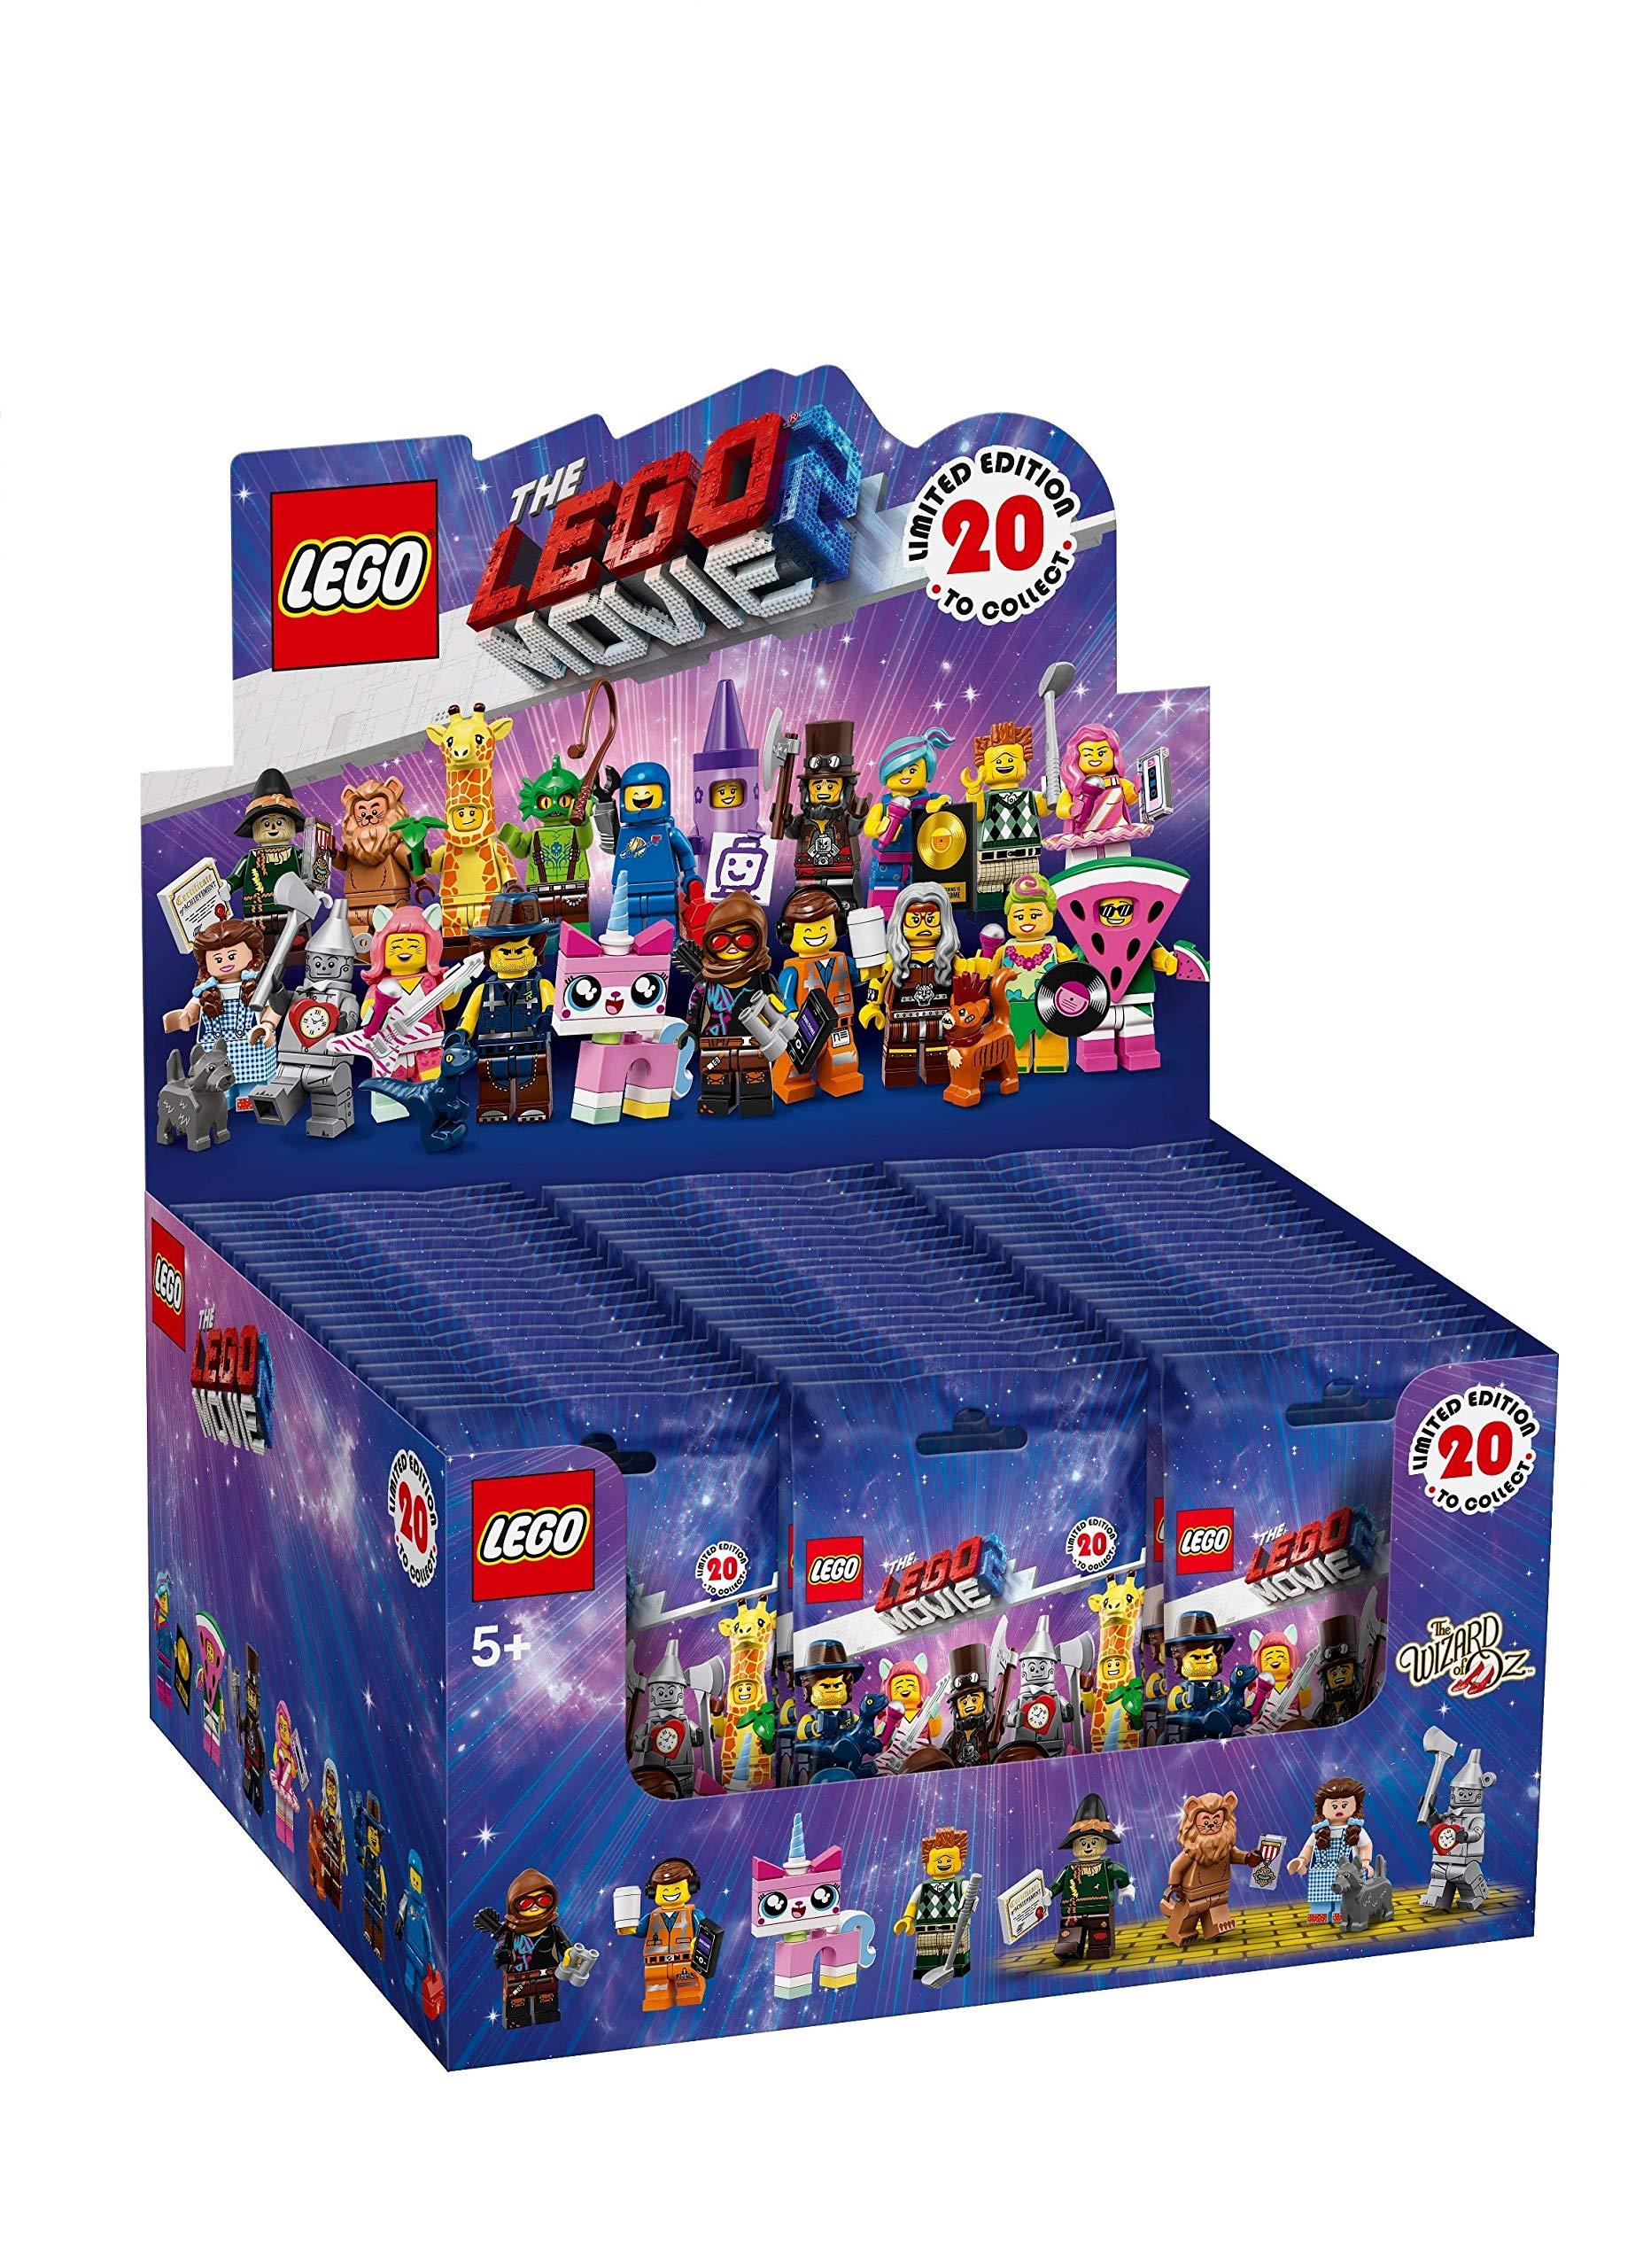 LEGO 71023 toys 1 spesavip